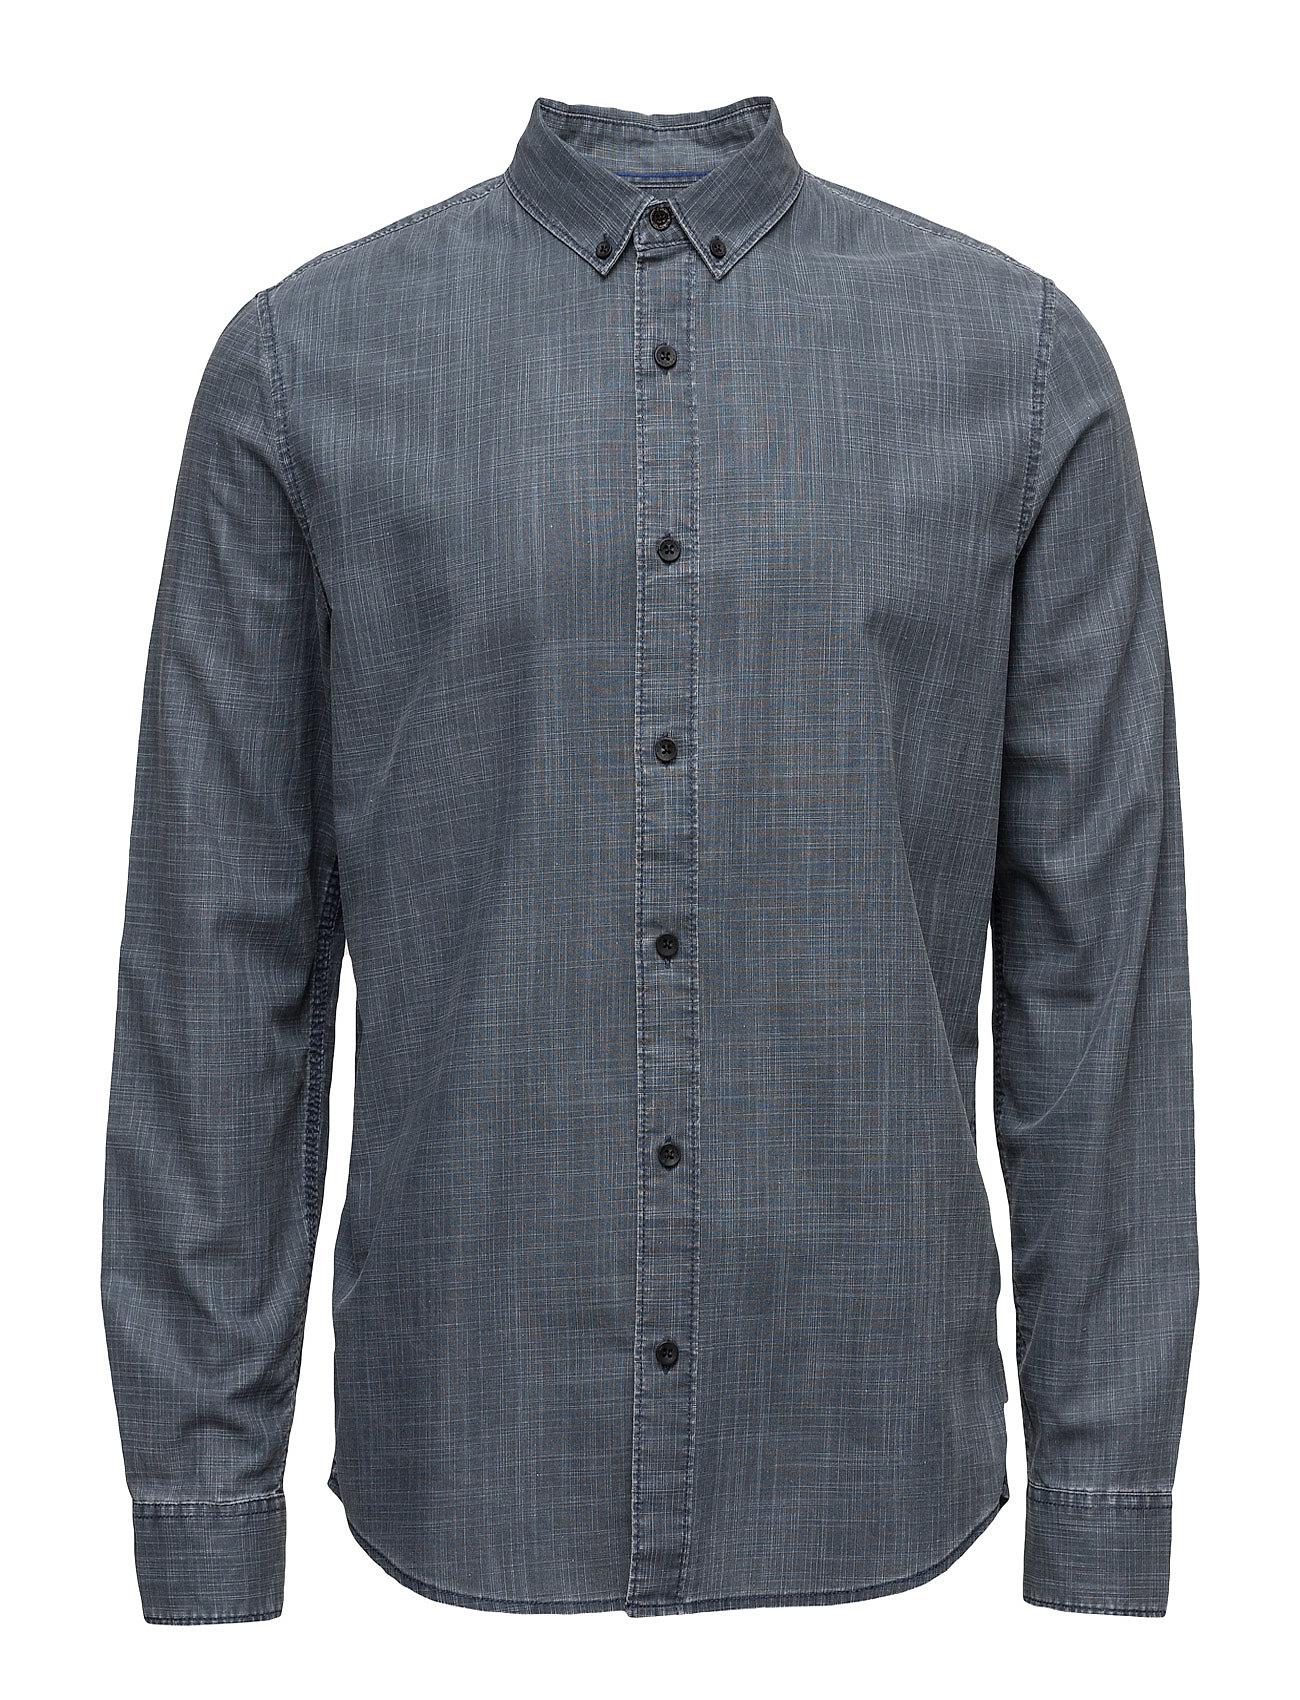 calvin klein jeans – Wilshner coated slub fra boozt.com dk